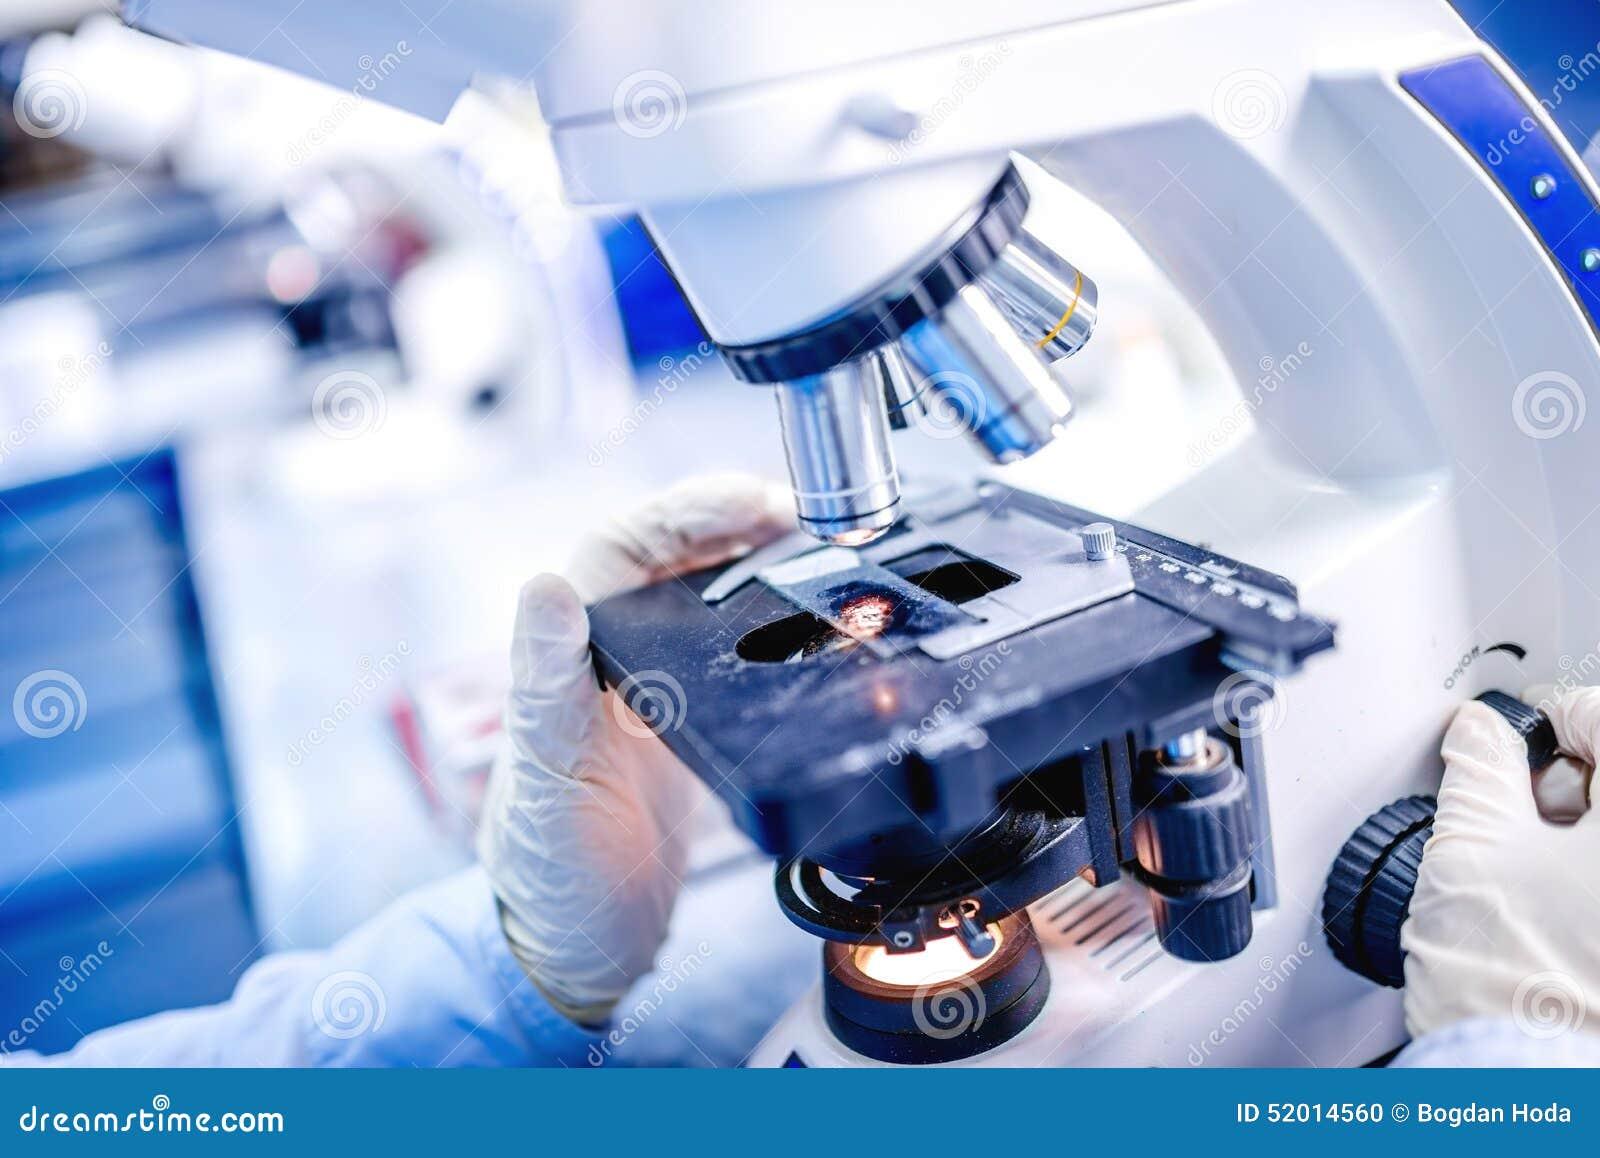 Λεπτομέρειες του ιατρικού εργαστηρίου, χέρια επιστημόνων που χρησιμοποιούν το μικροσκόπιο για τα δείγματα δοκιμής χημείας